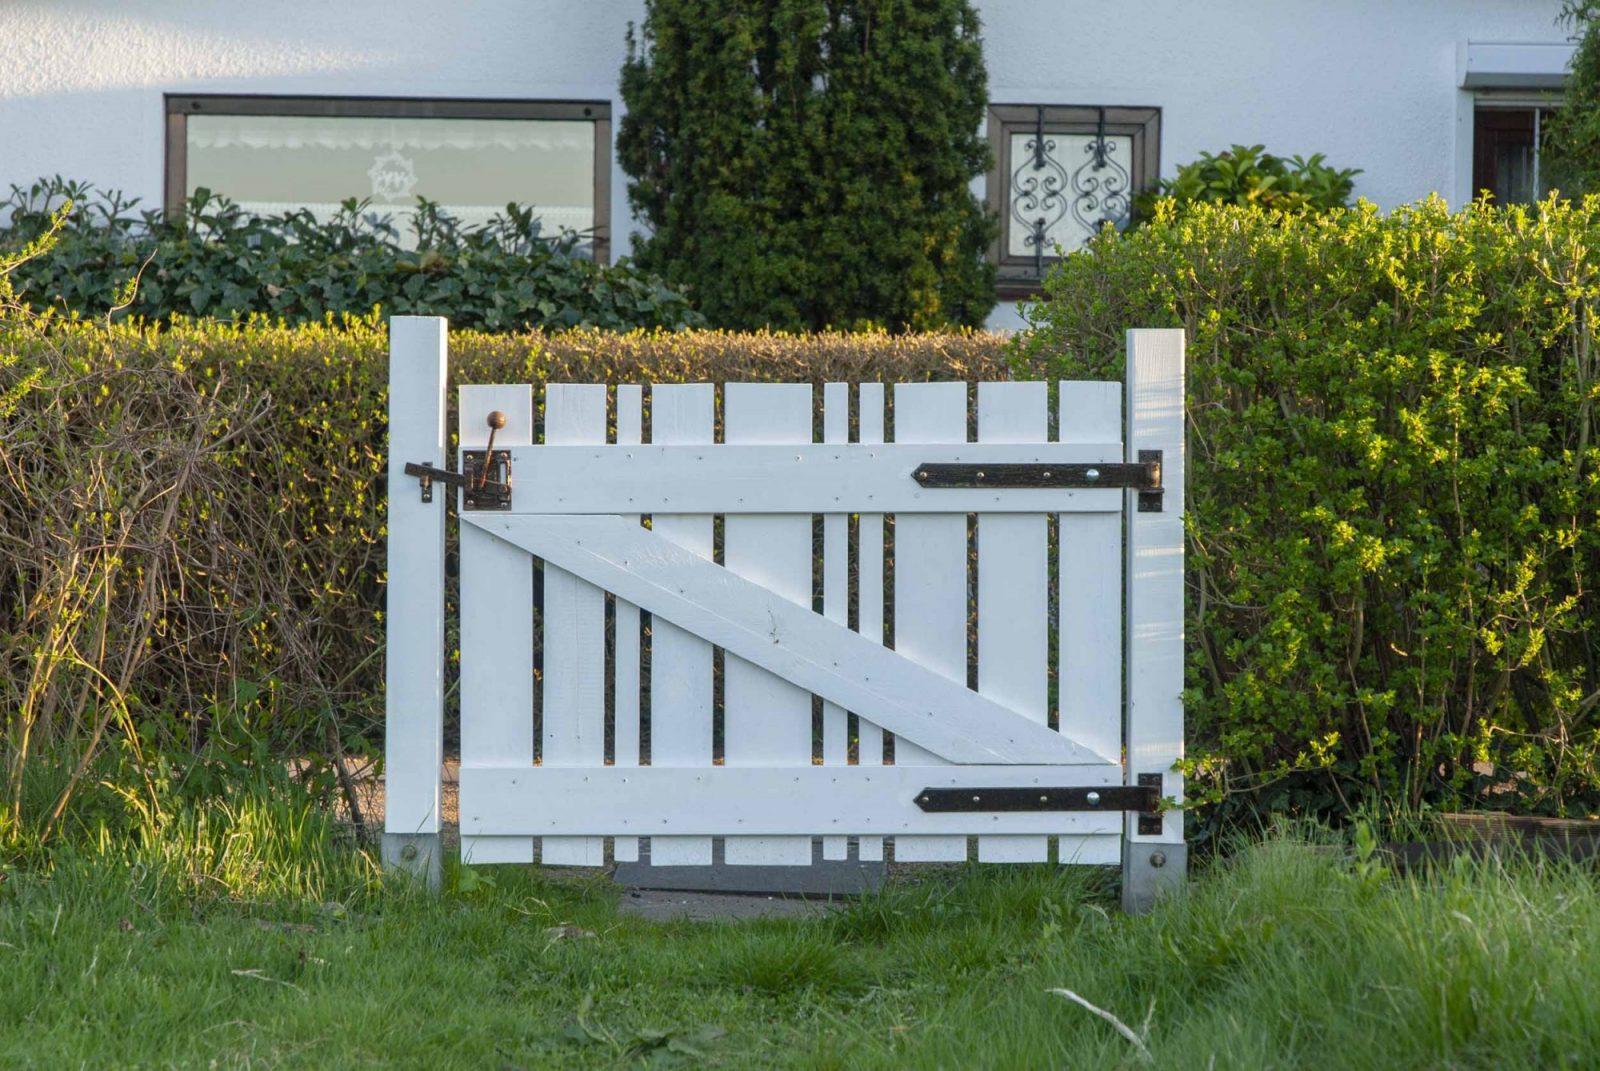 Gartentor Selber Bauen Schritt Für Schritt Erklärt – Mit Vielen von Gartentor Aus Holz Selber Bauen Bild